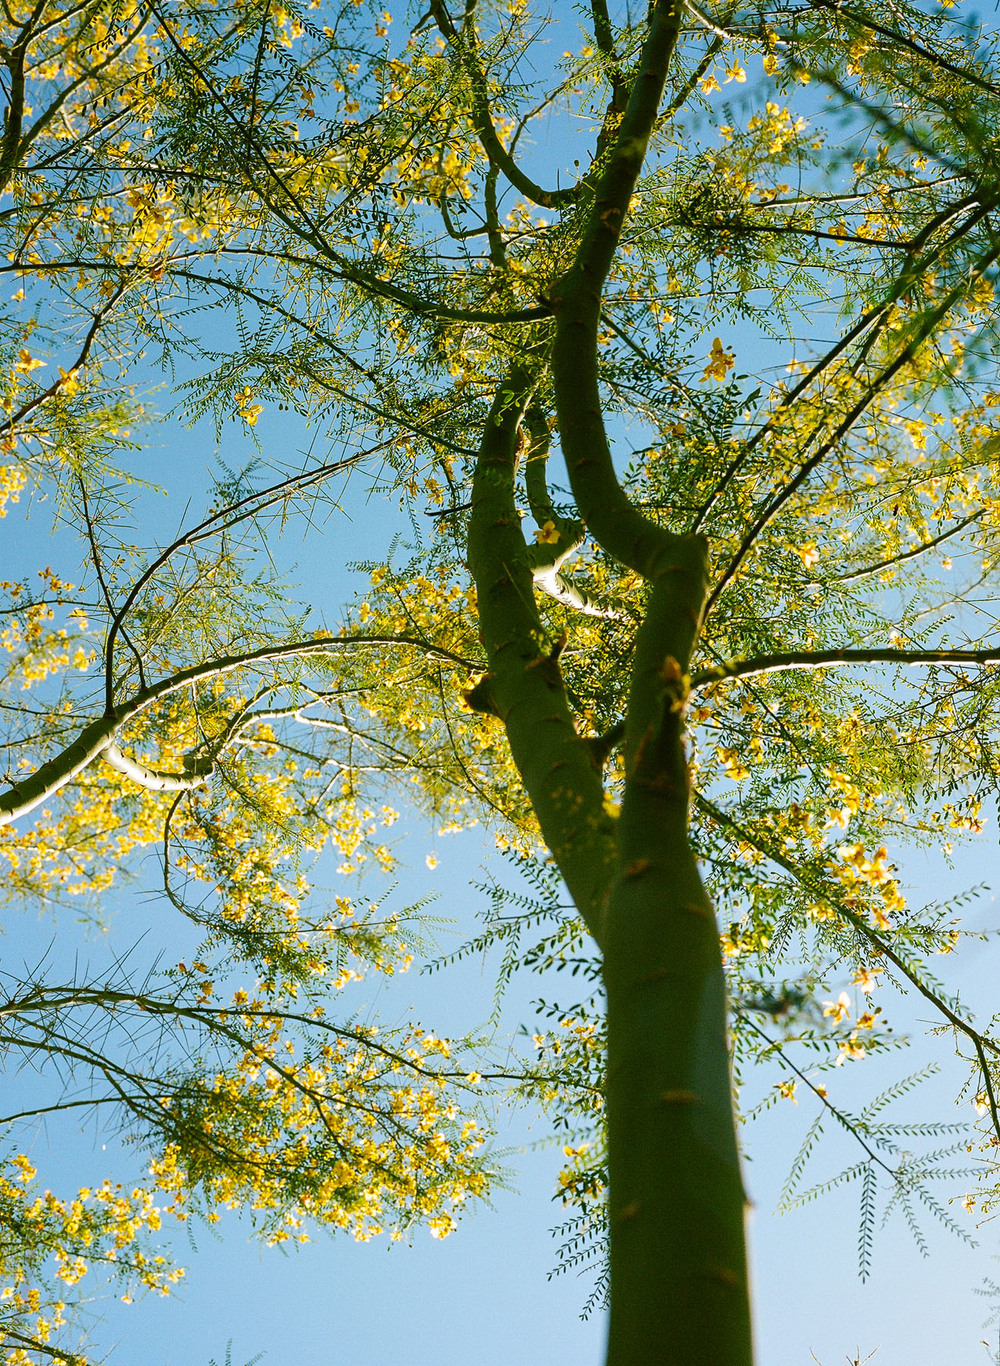 Anza-Borrego-Tree-03.jpg